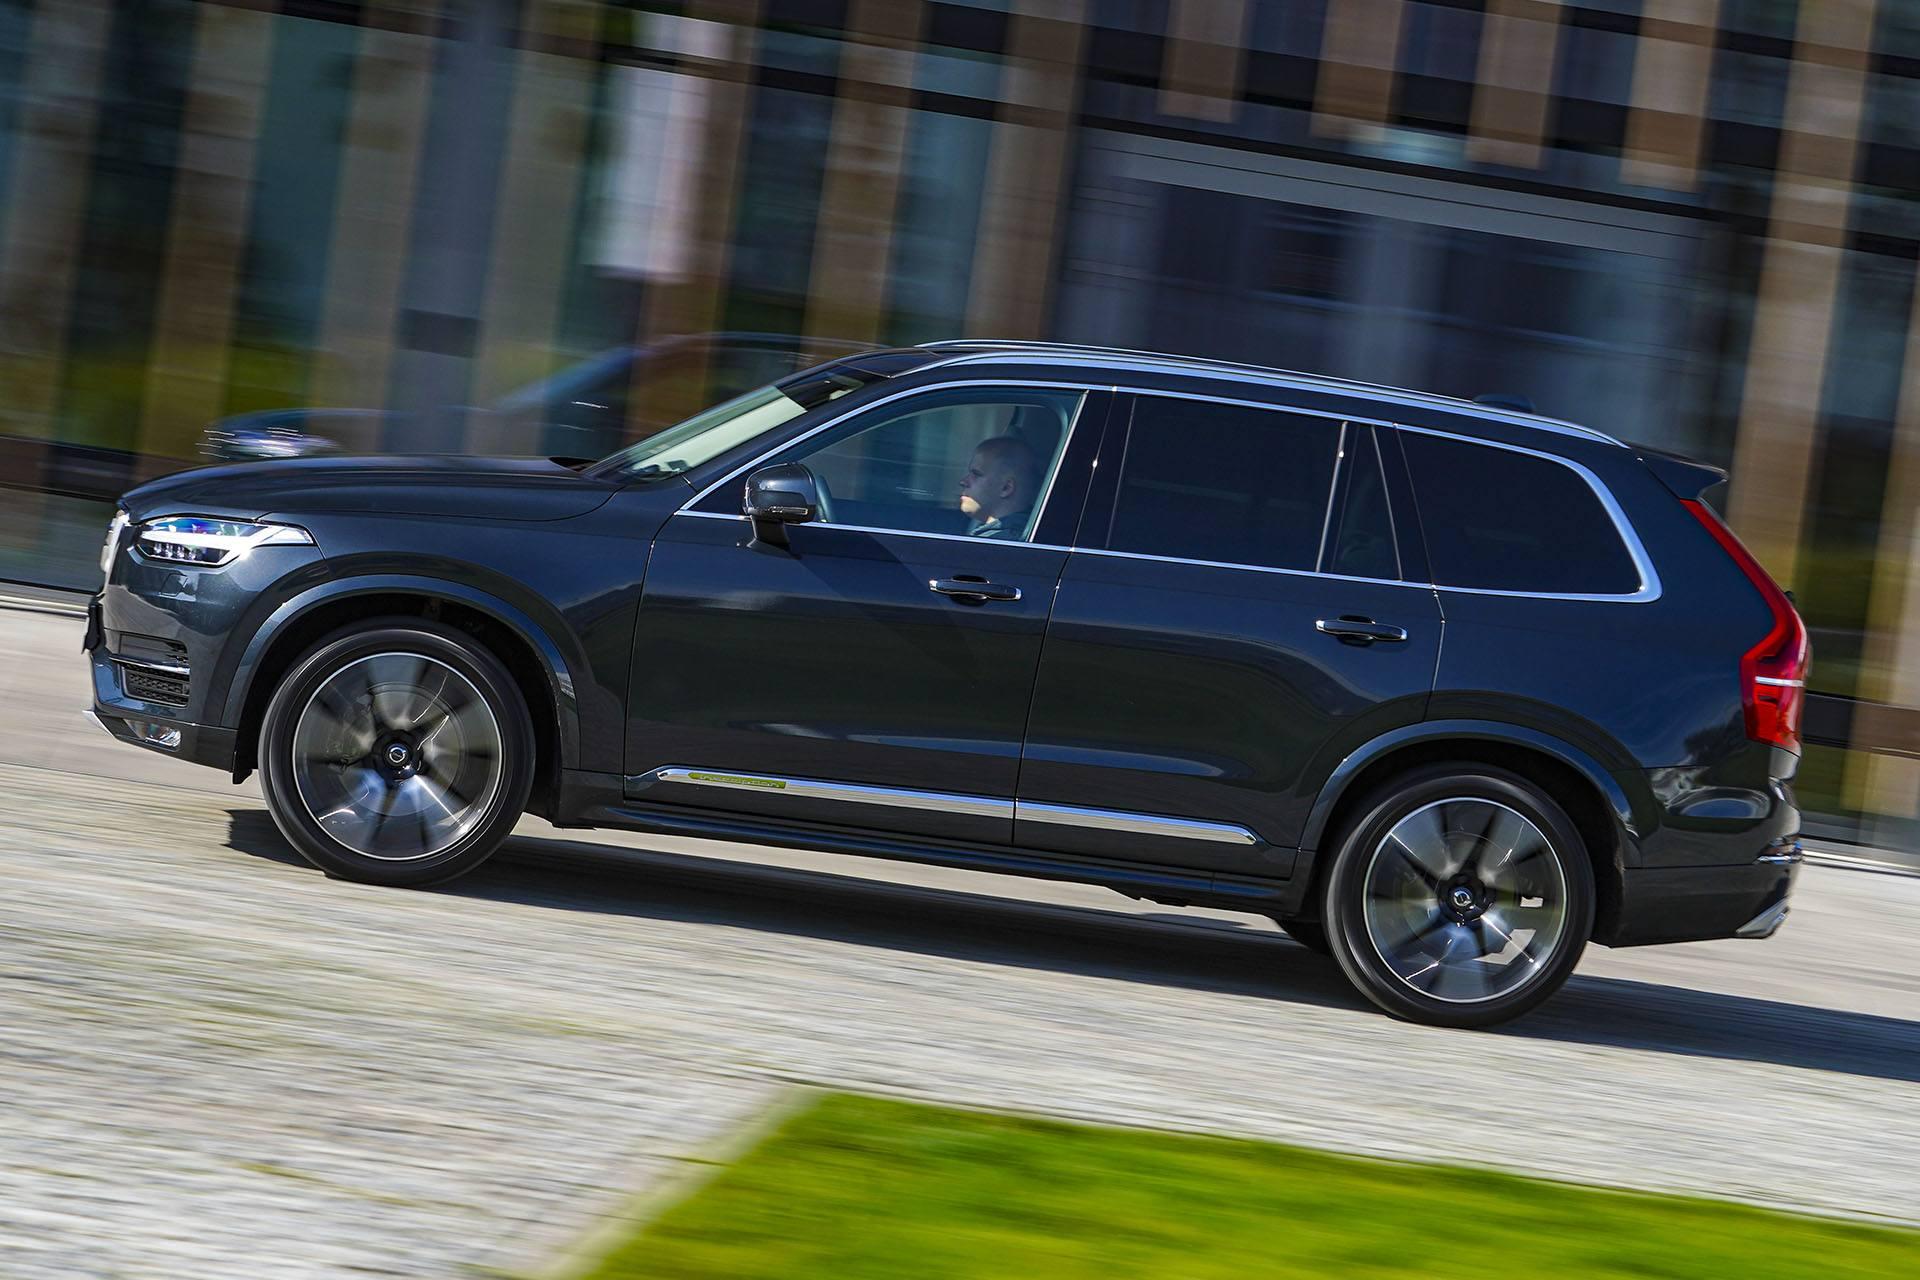 Volvo XC90 - bok - Land Rover Discovery, Mercedes GLE, Range Rover Sport, Volkswagen Touareg, Volvo XC90 – PORÓWNANIE –opinie, dane techniczne, wymiary